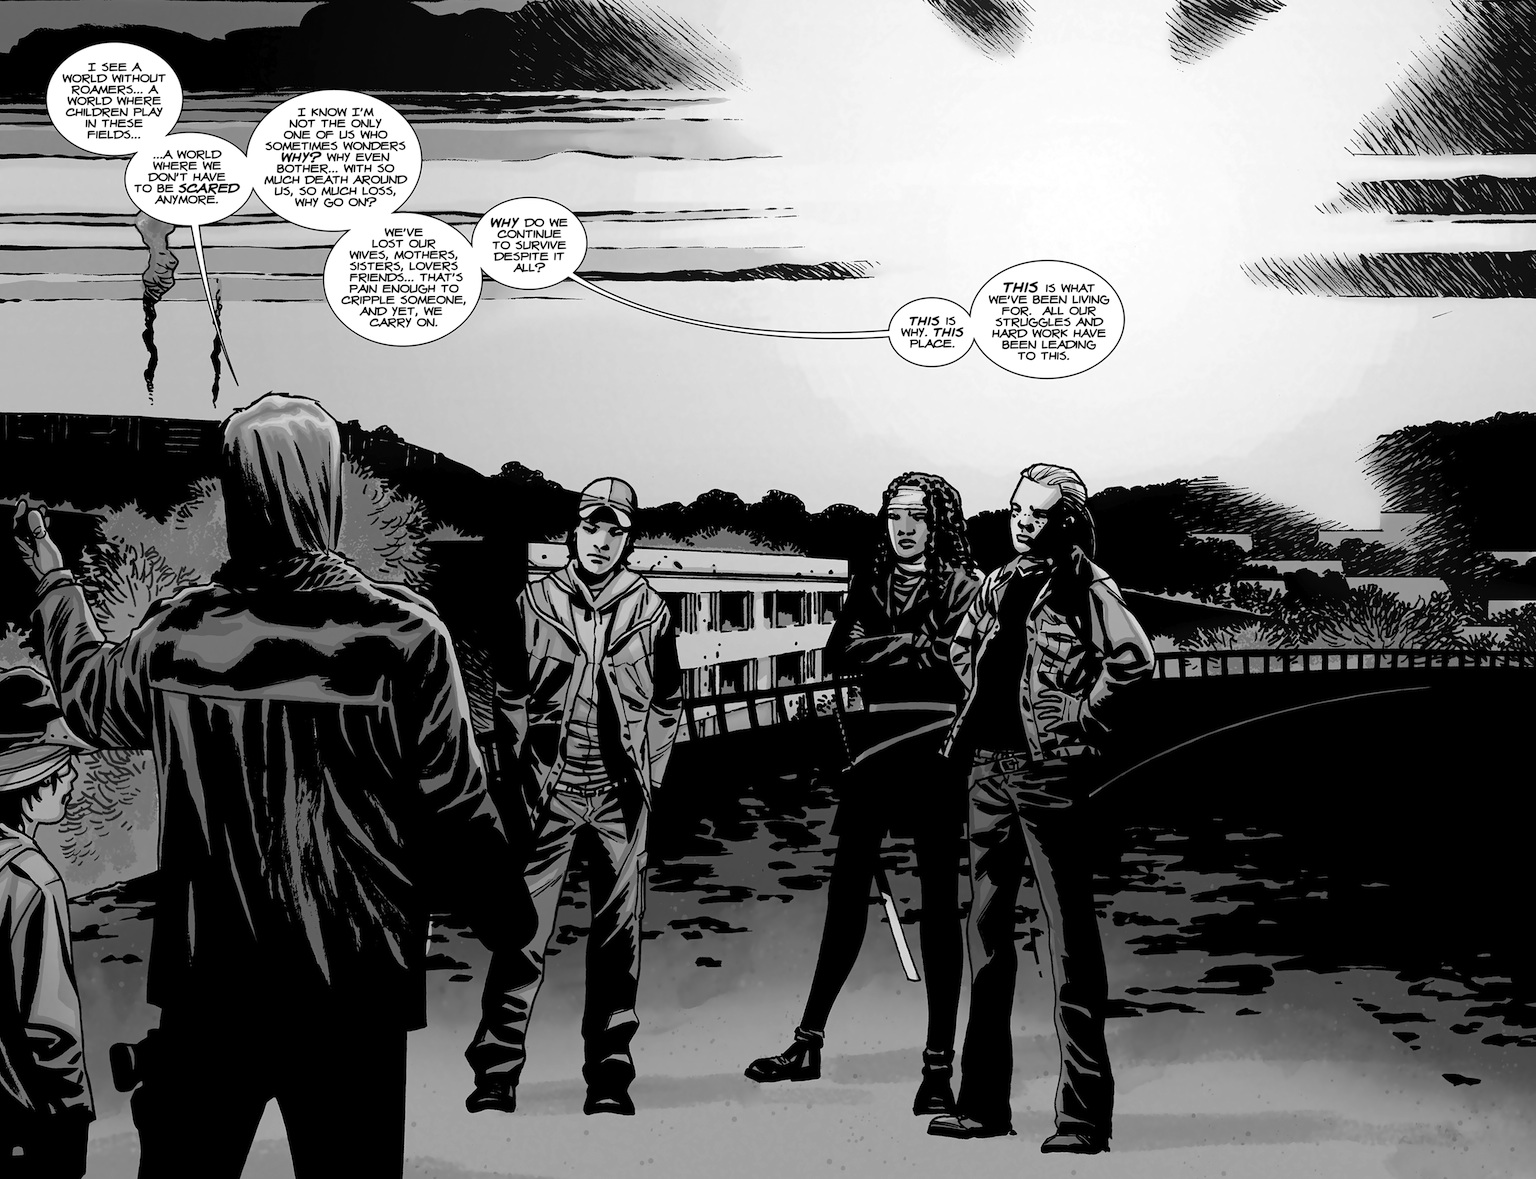 The Walking Dead 96 - Speech